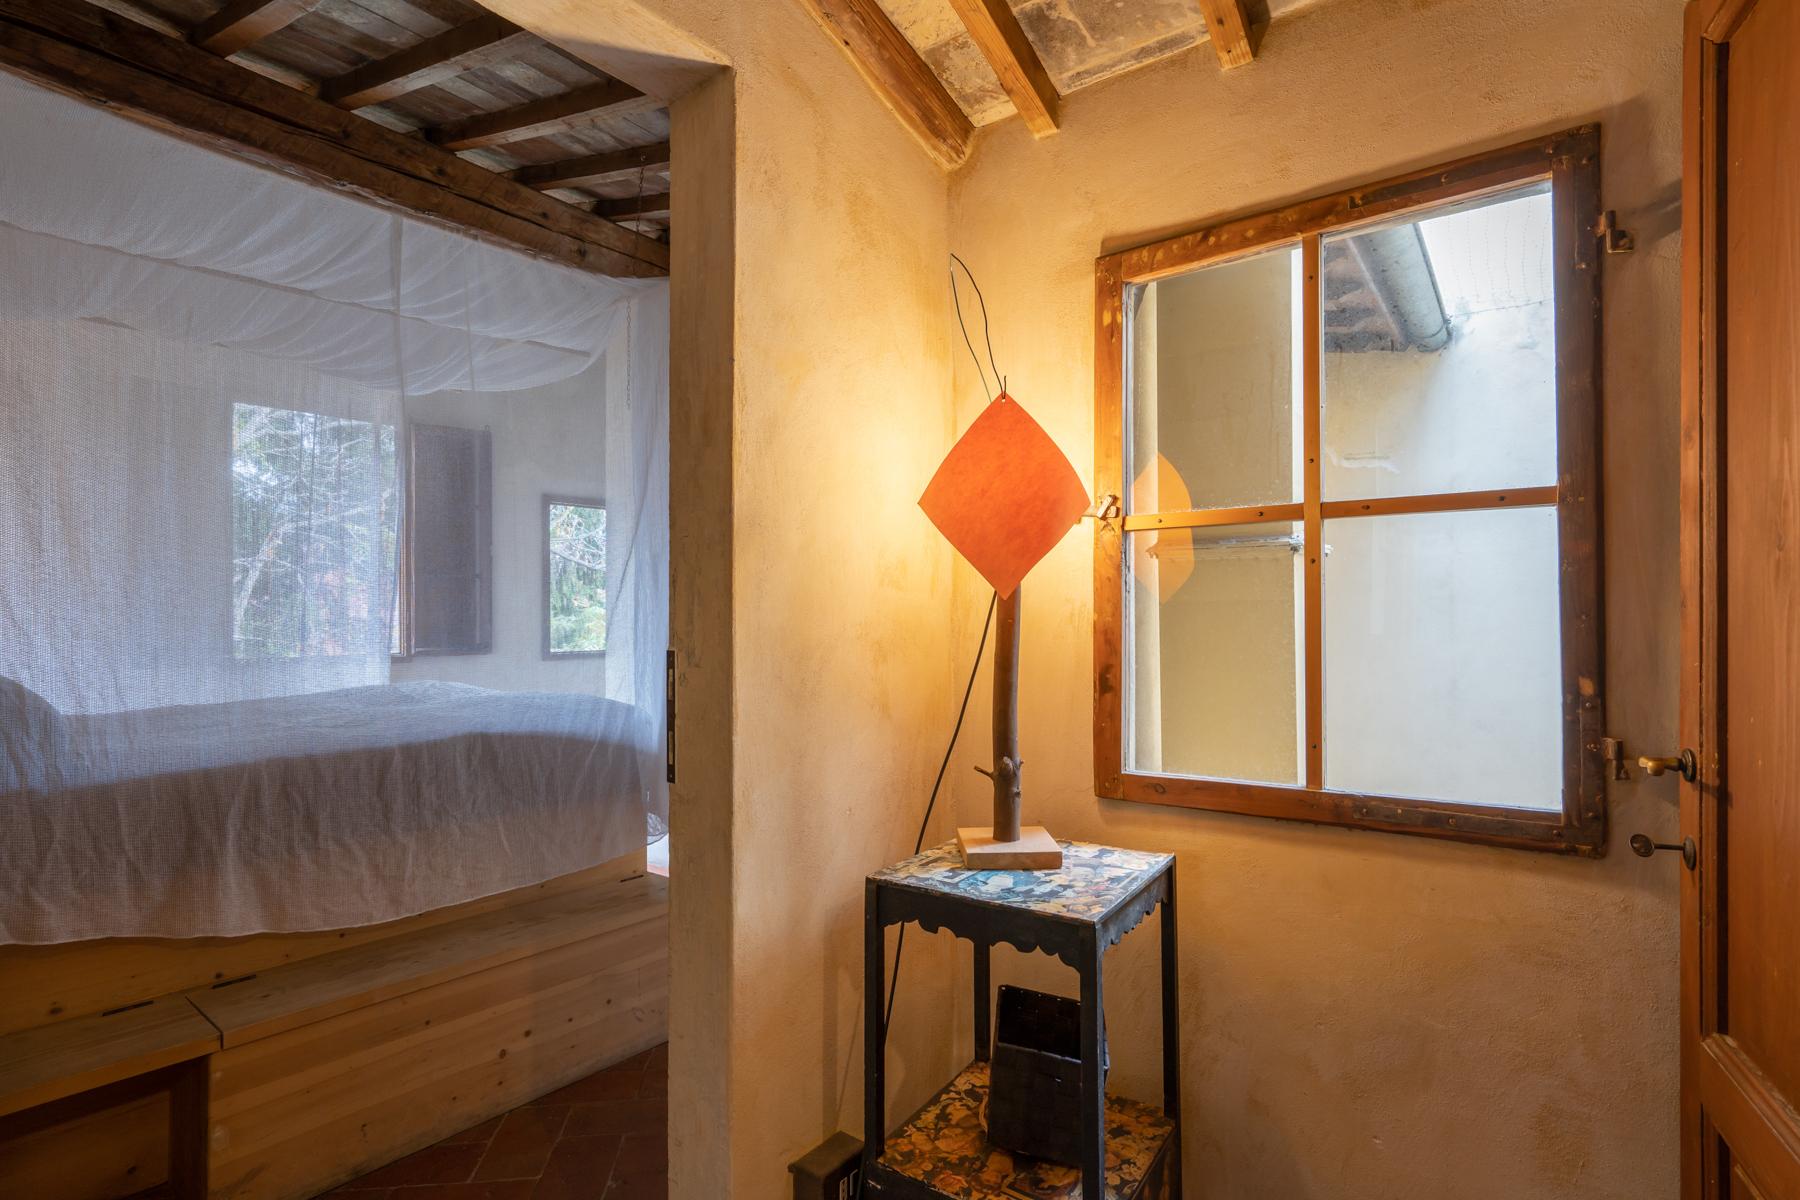 Appartamento in Vendita a Firenze: 4 locali, 120 mq - Foto 11